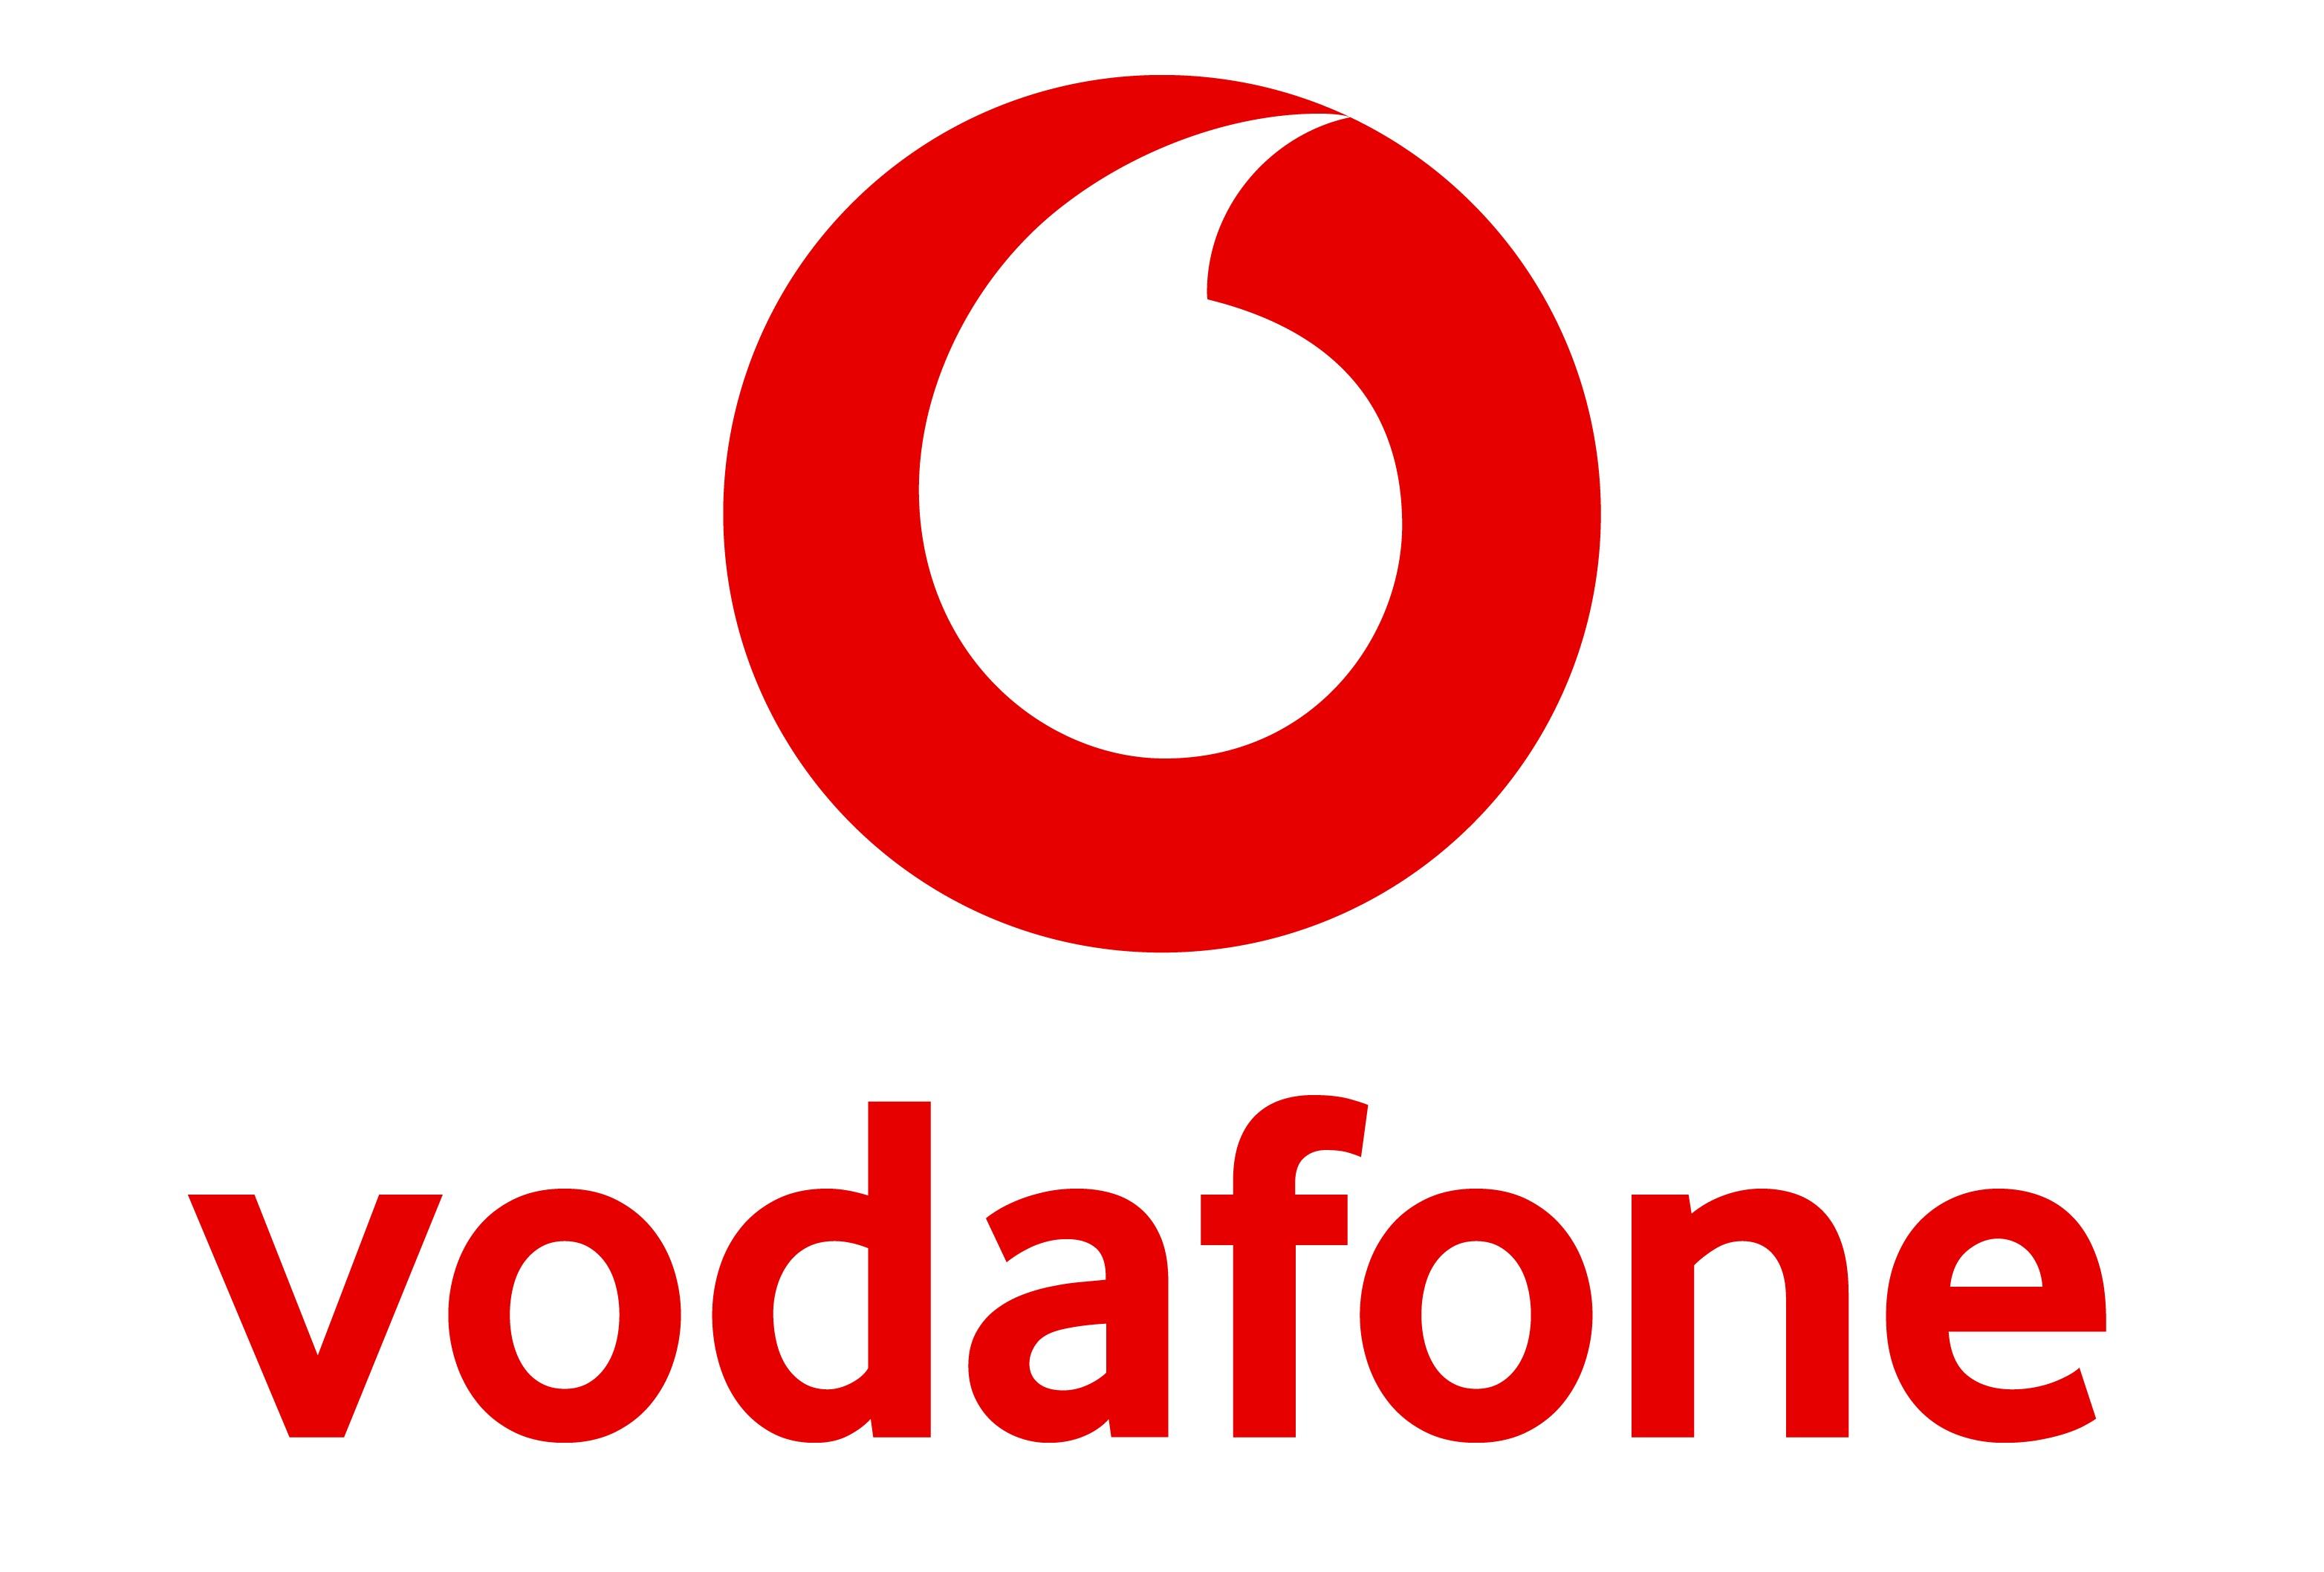 Vodafone - Partner Markets